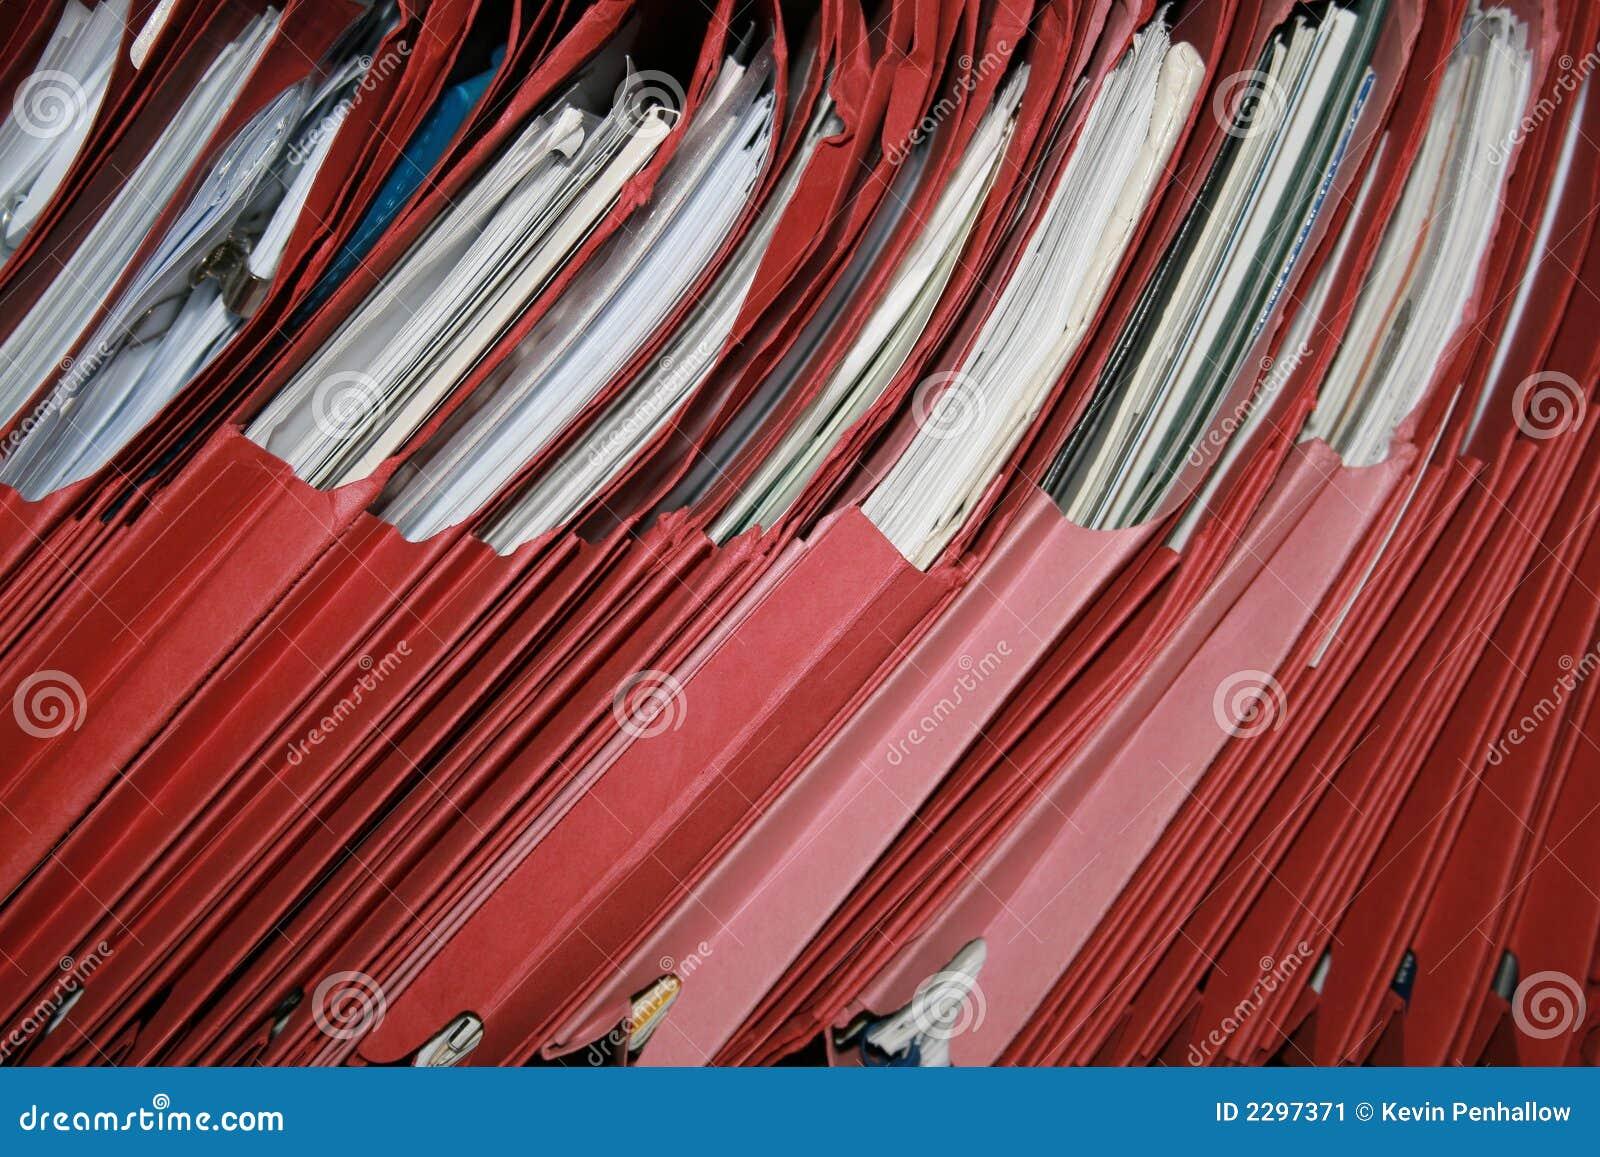 Archivi rossi